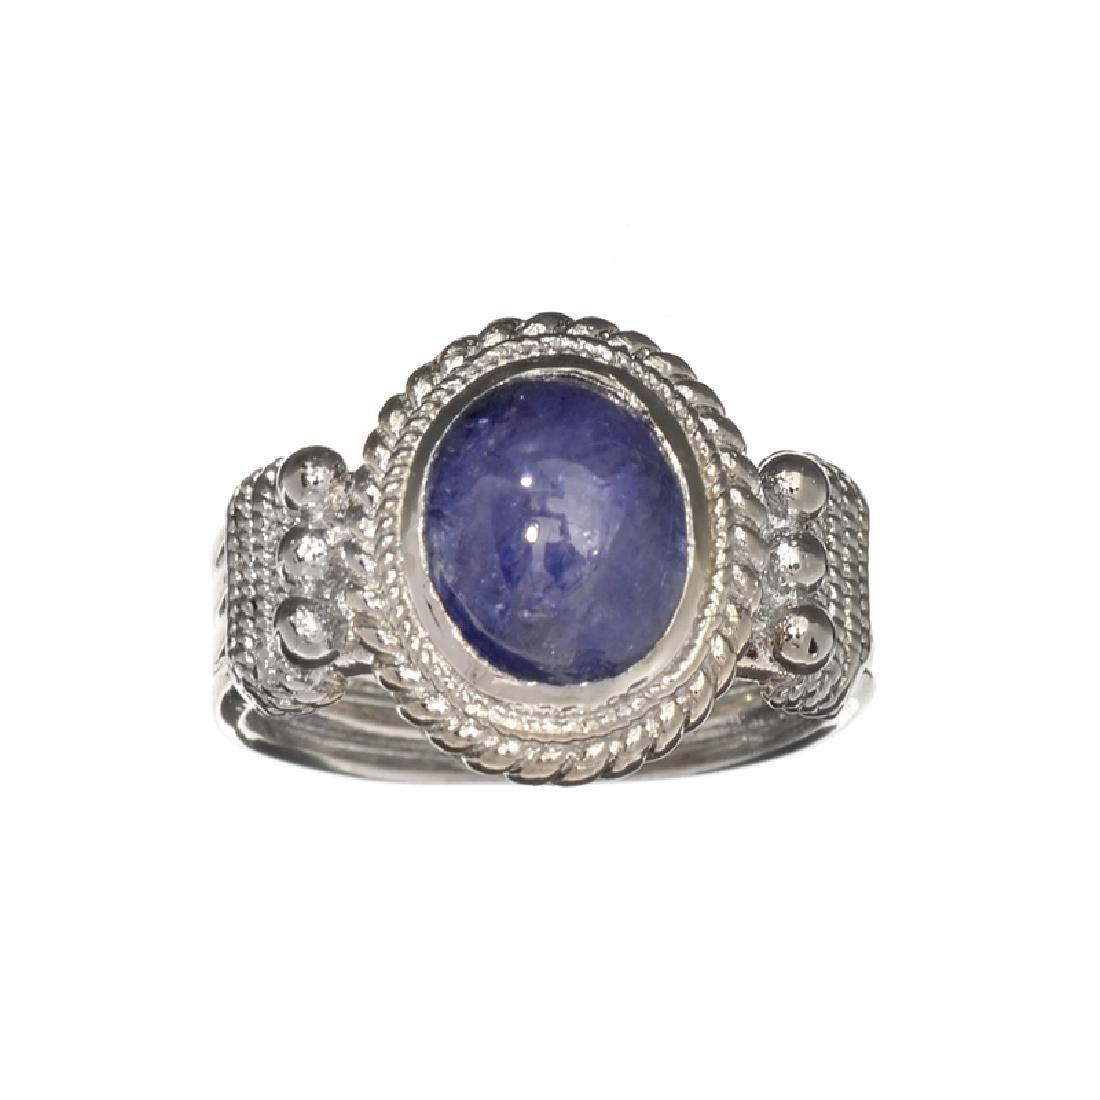 APP: 0.9k Fine Jewelry 3.17CT Oval Cut Violet Tanzanite